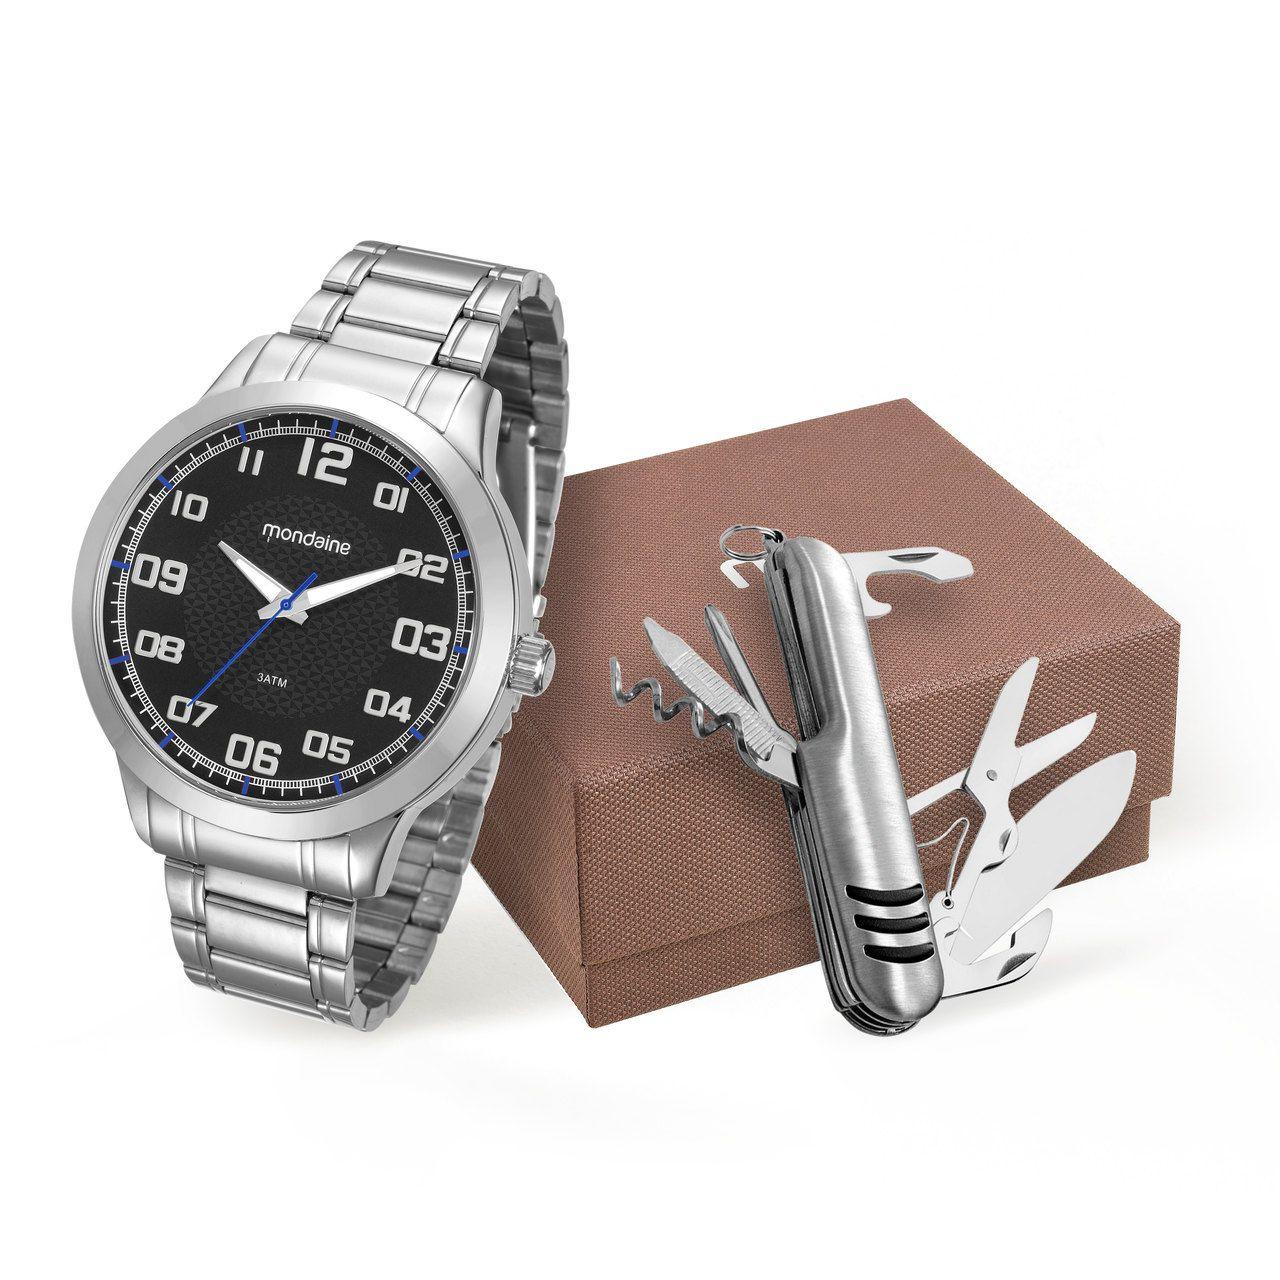 Relógio Mondaine 99142g0mvne1 Masculino Prateado com Canivete